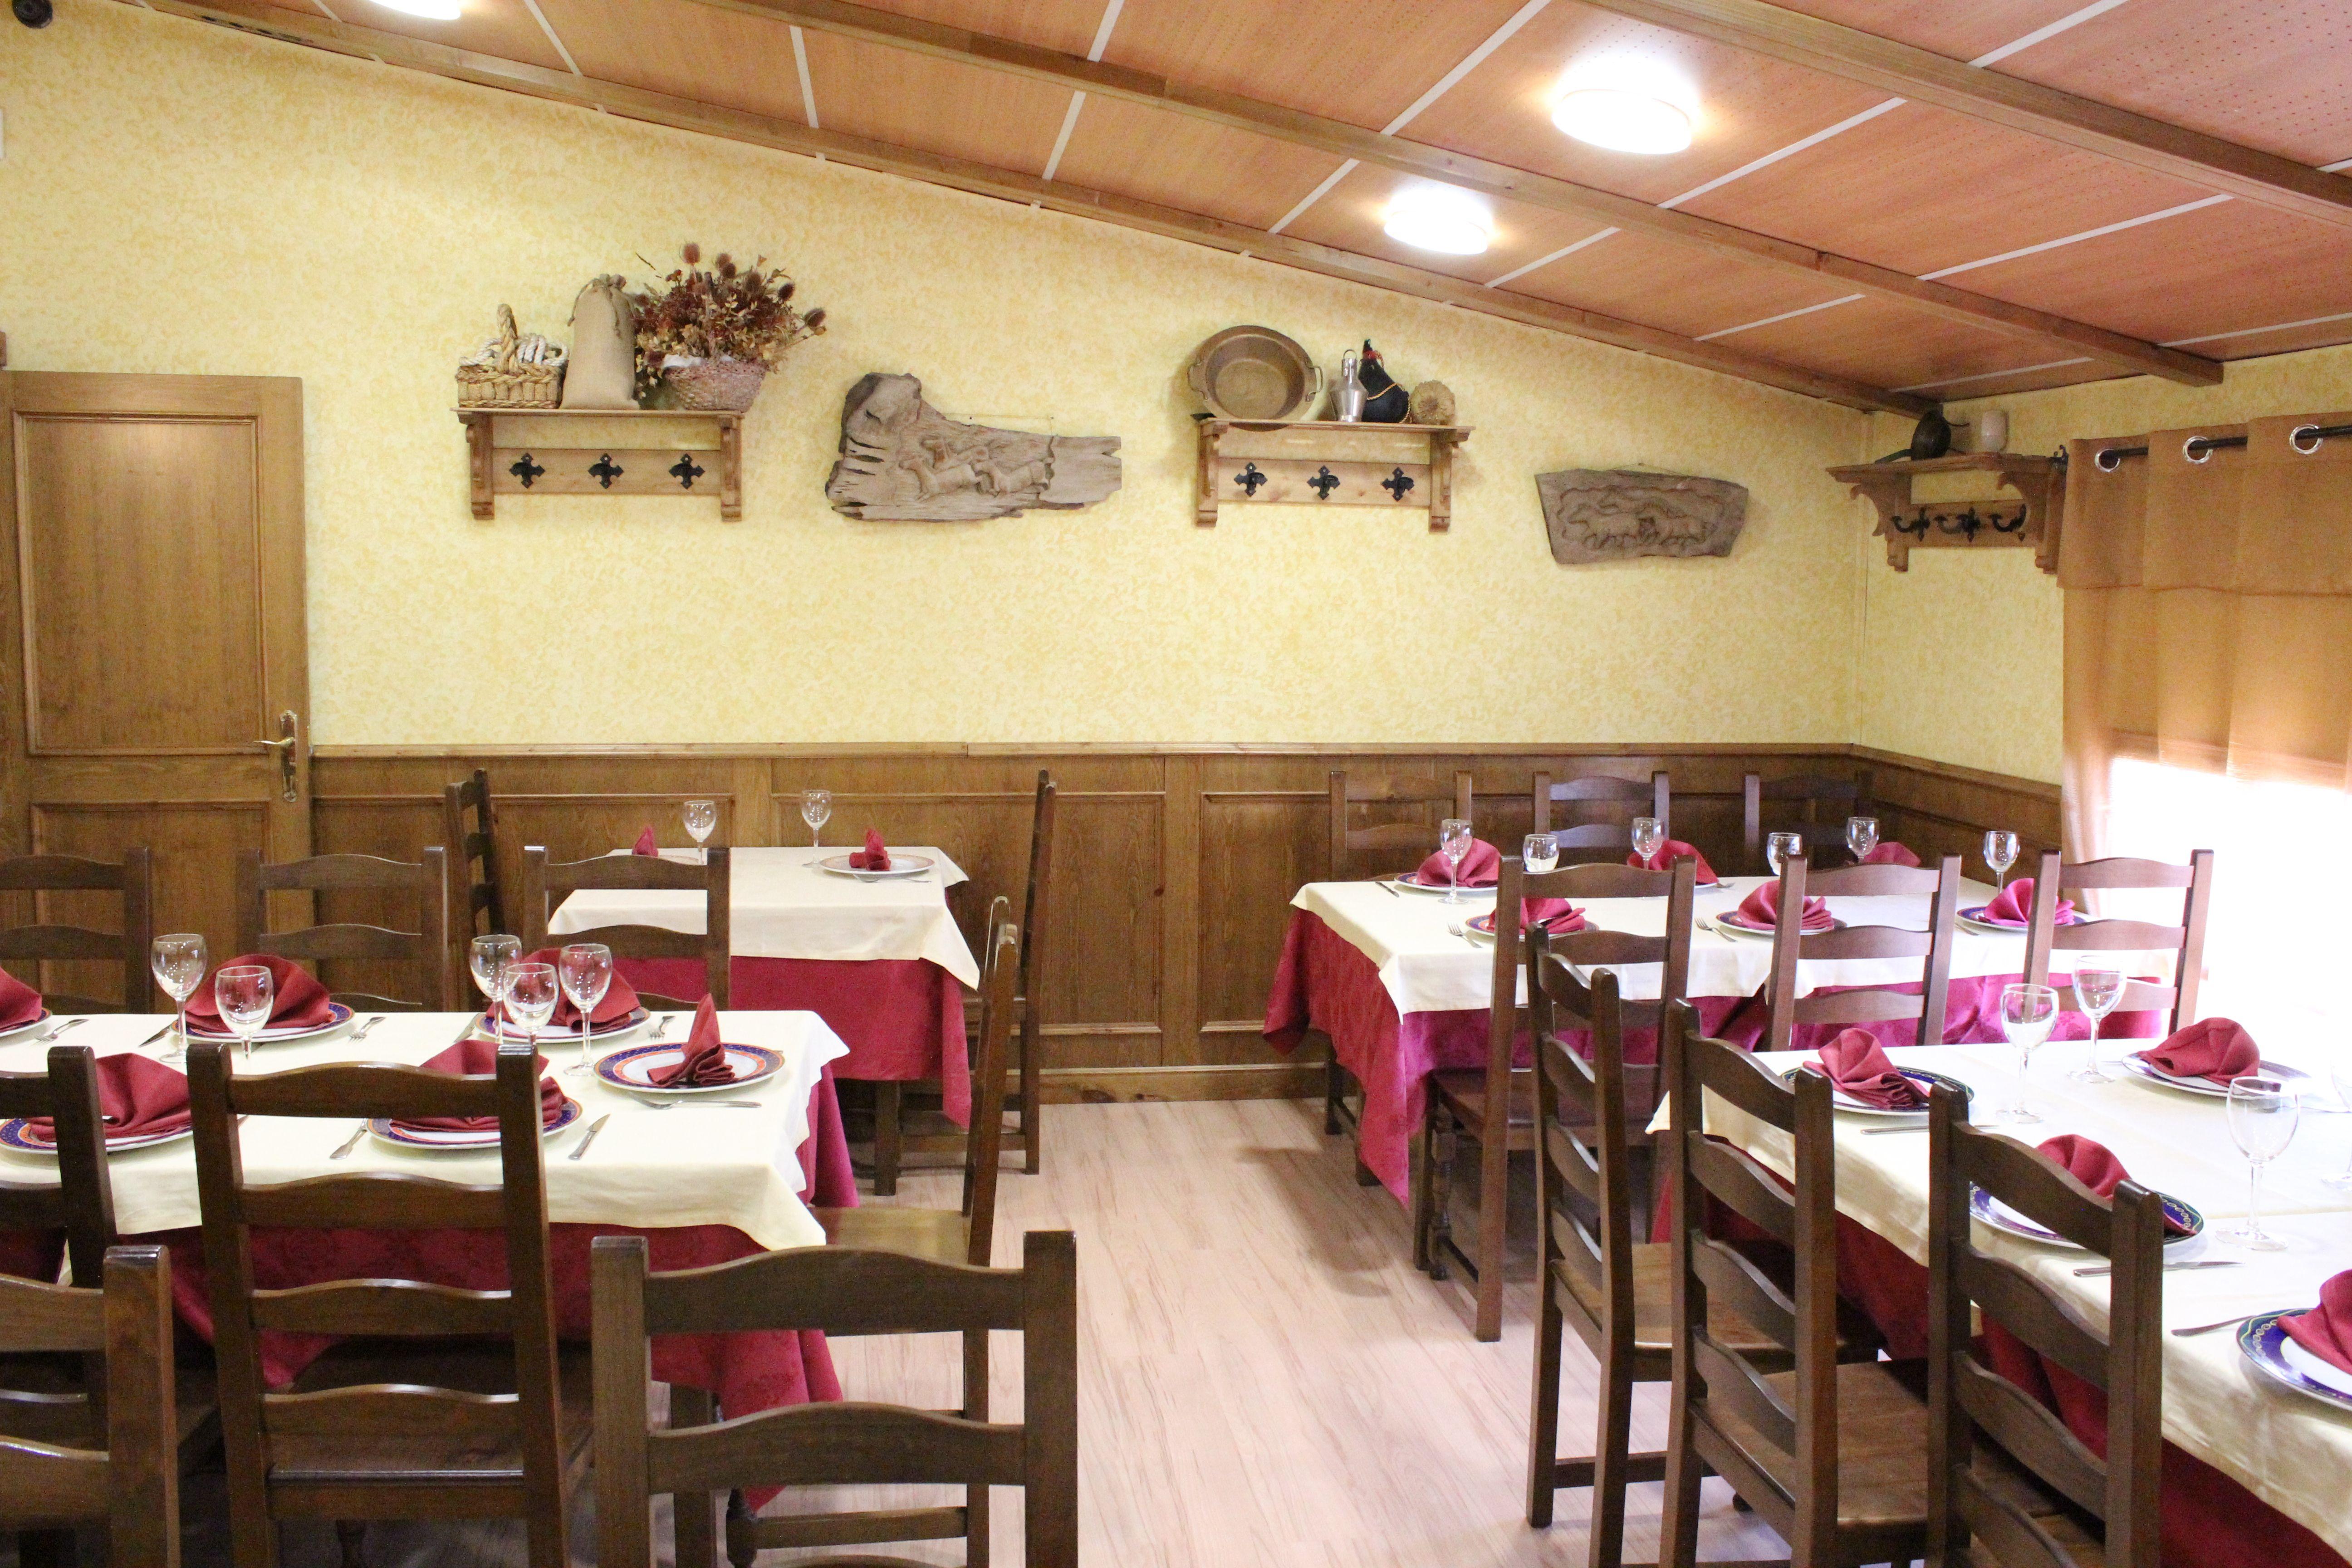 Foto 5 de Asadores en Madrid | Restaurante Terraza La Parrilla de Valdemoro